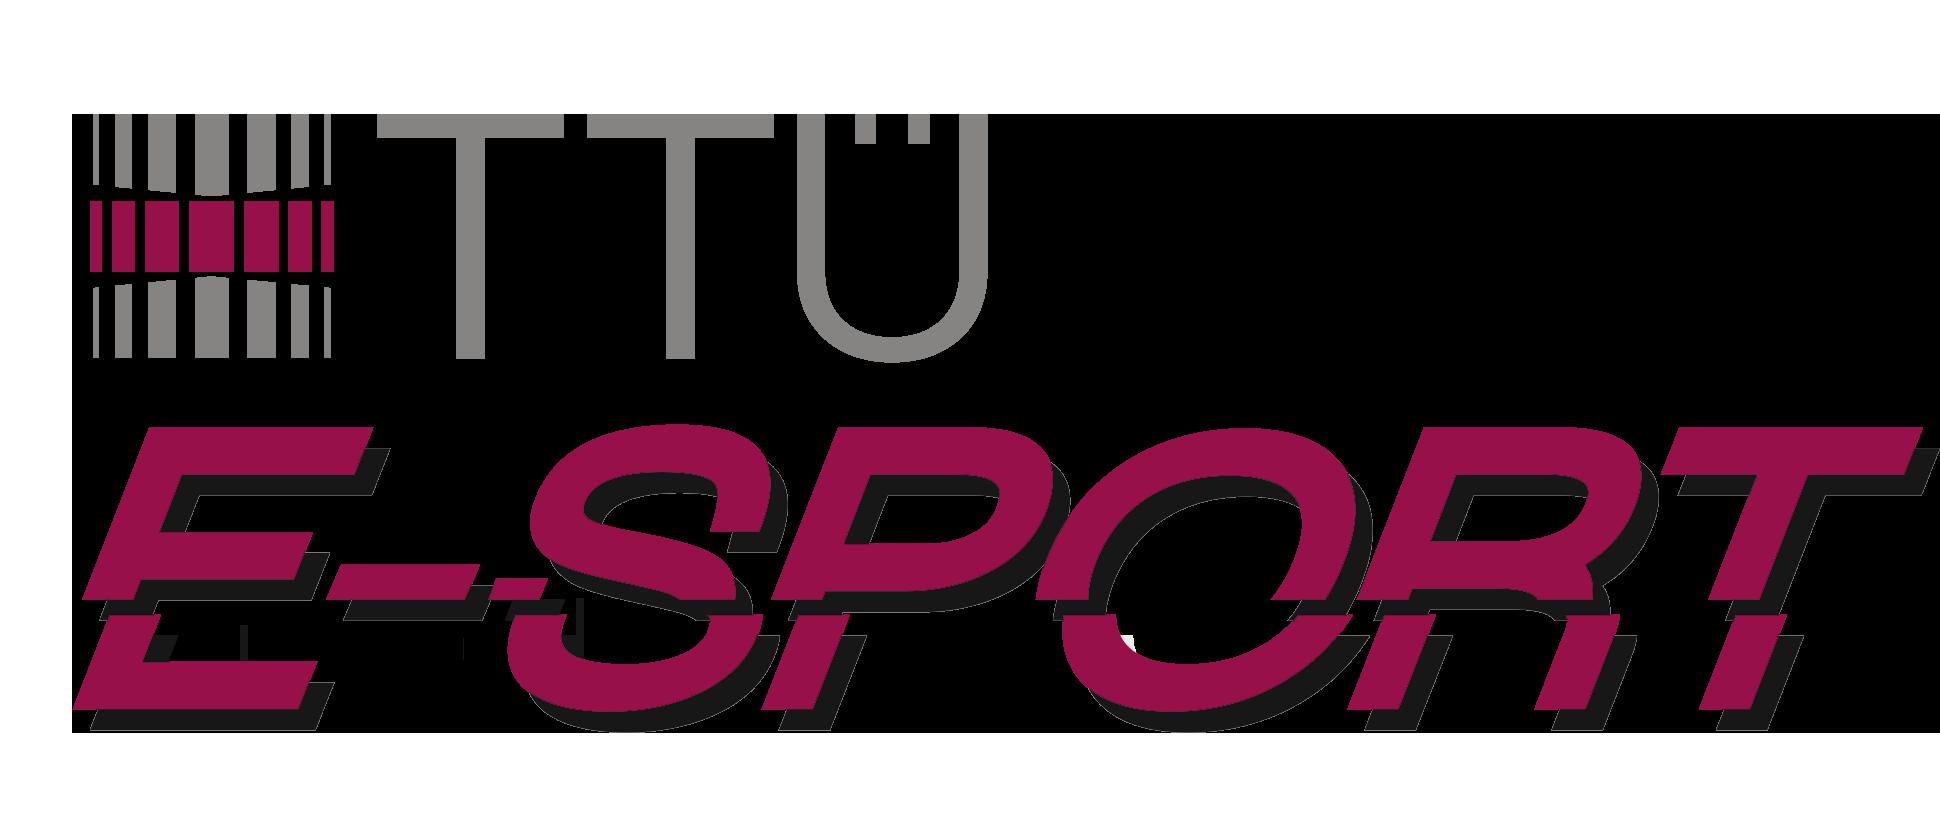 tty-esport-logob